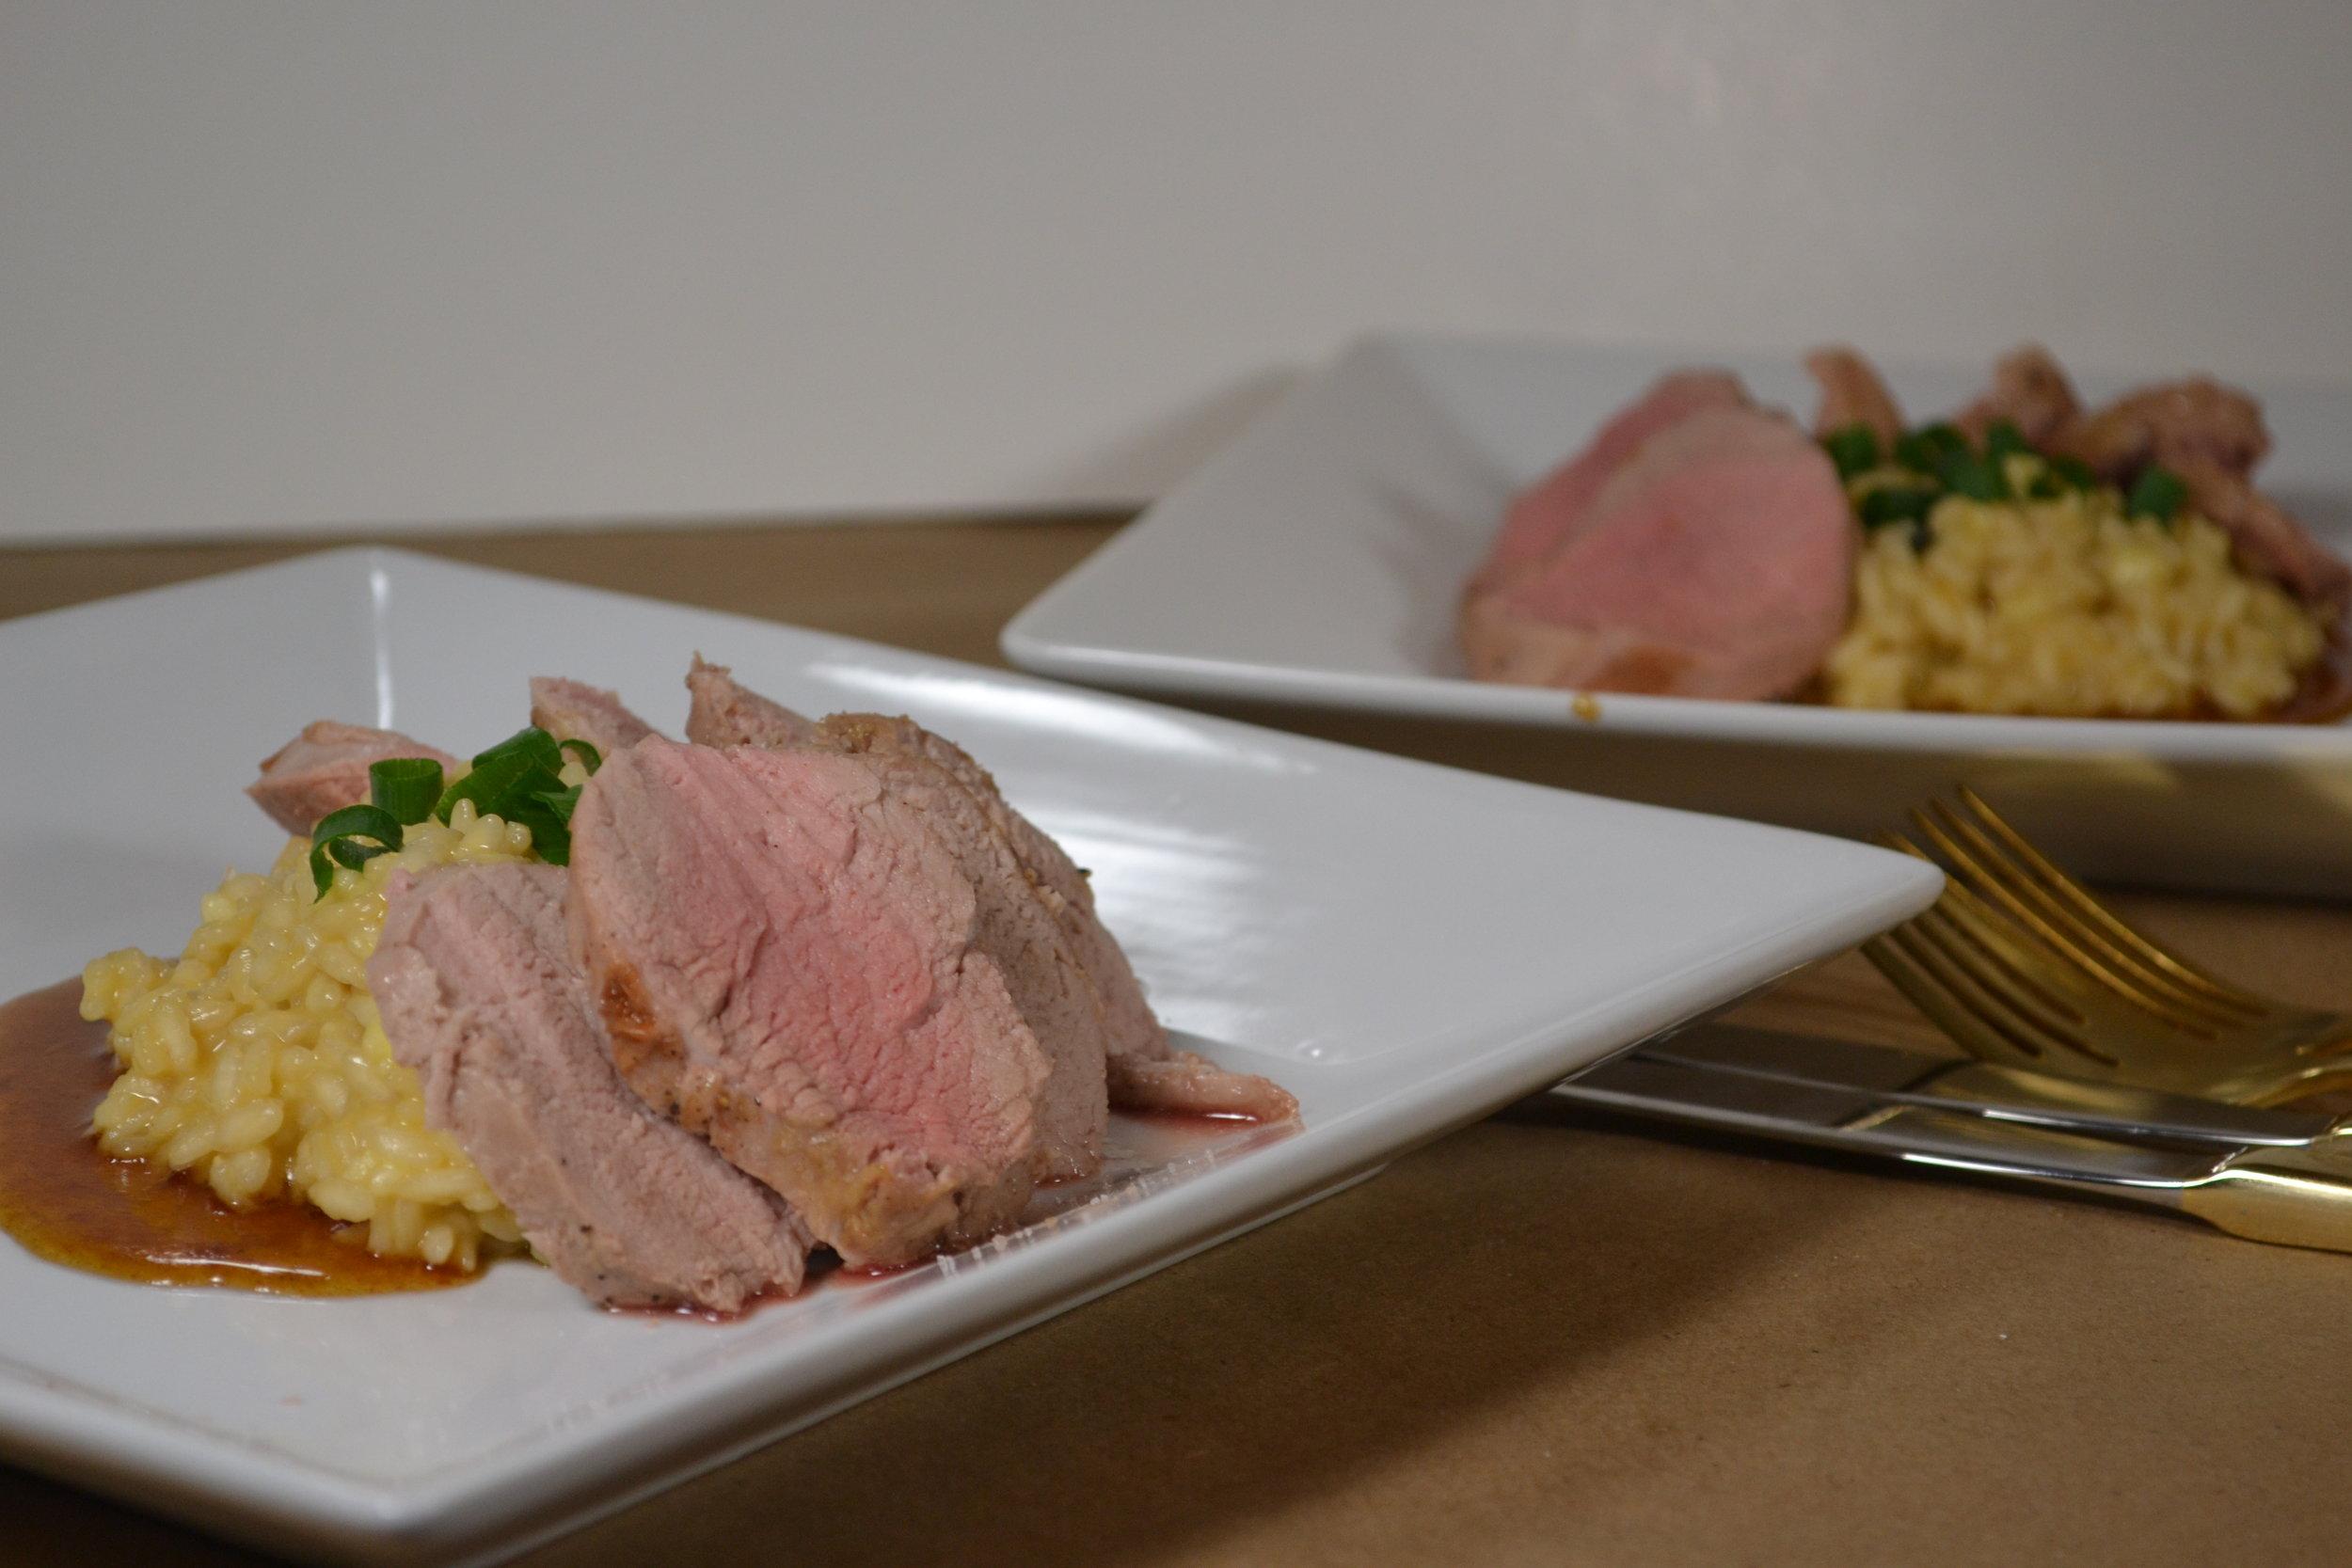 Pork Tenderloin & Brie Risotto for Two